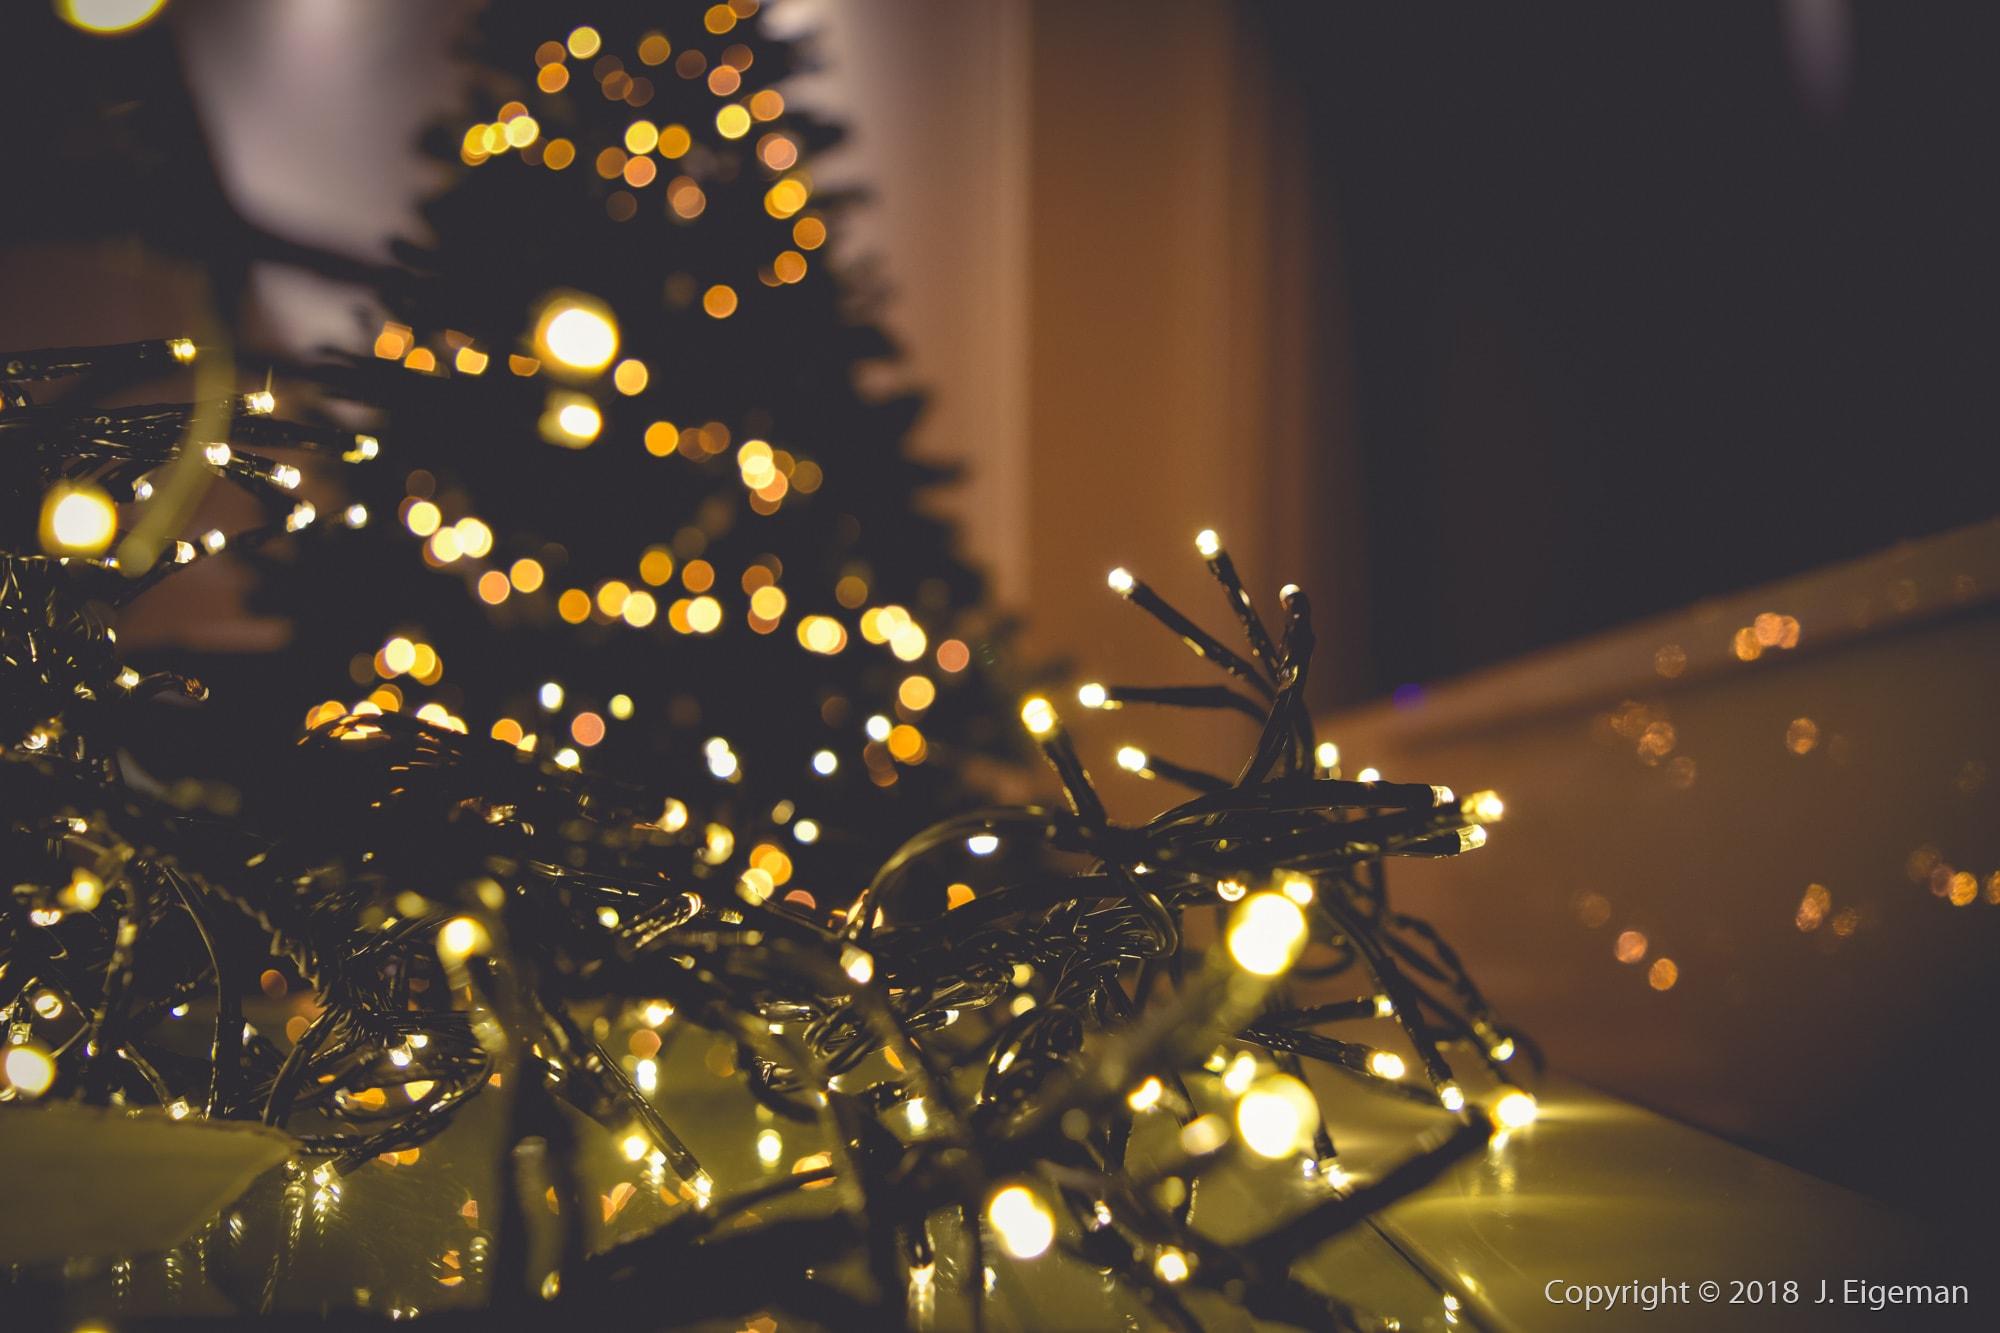 Kerstverlichting sfeer fotografie